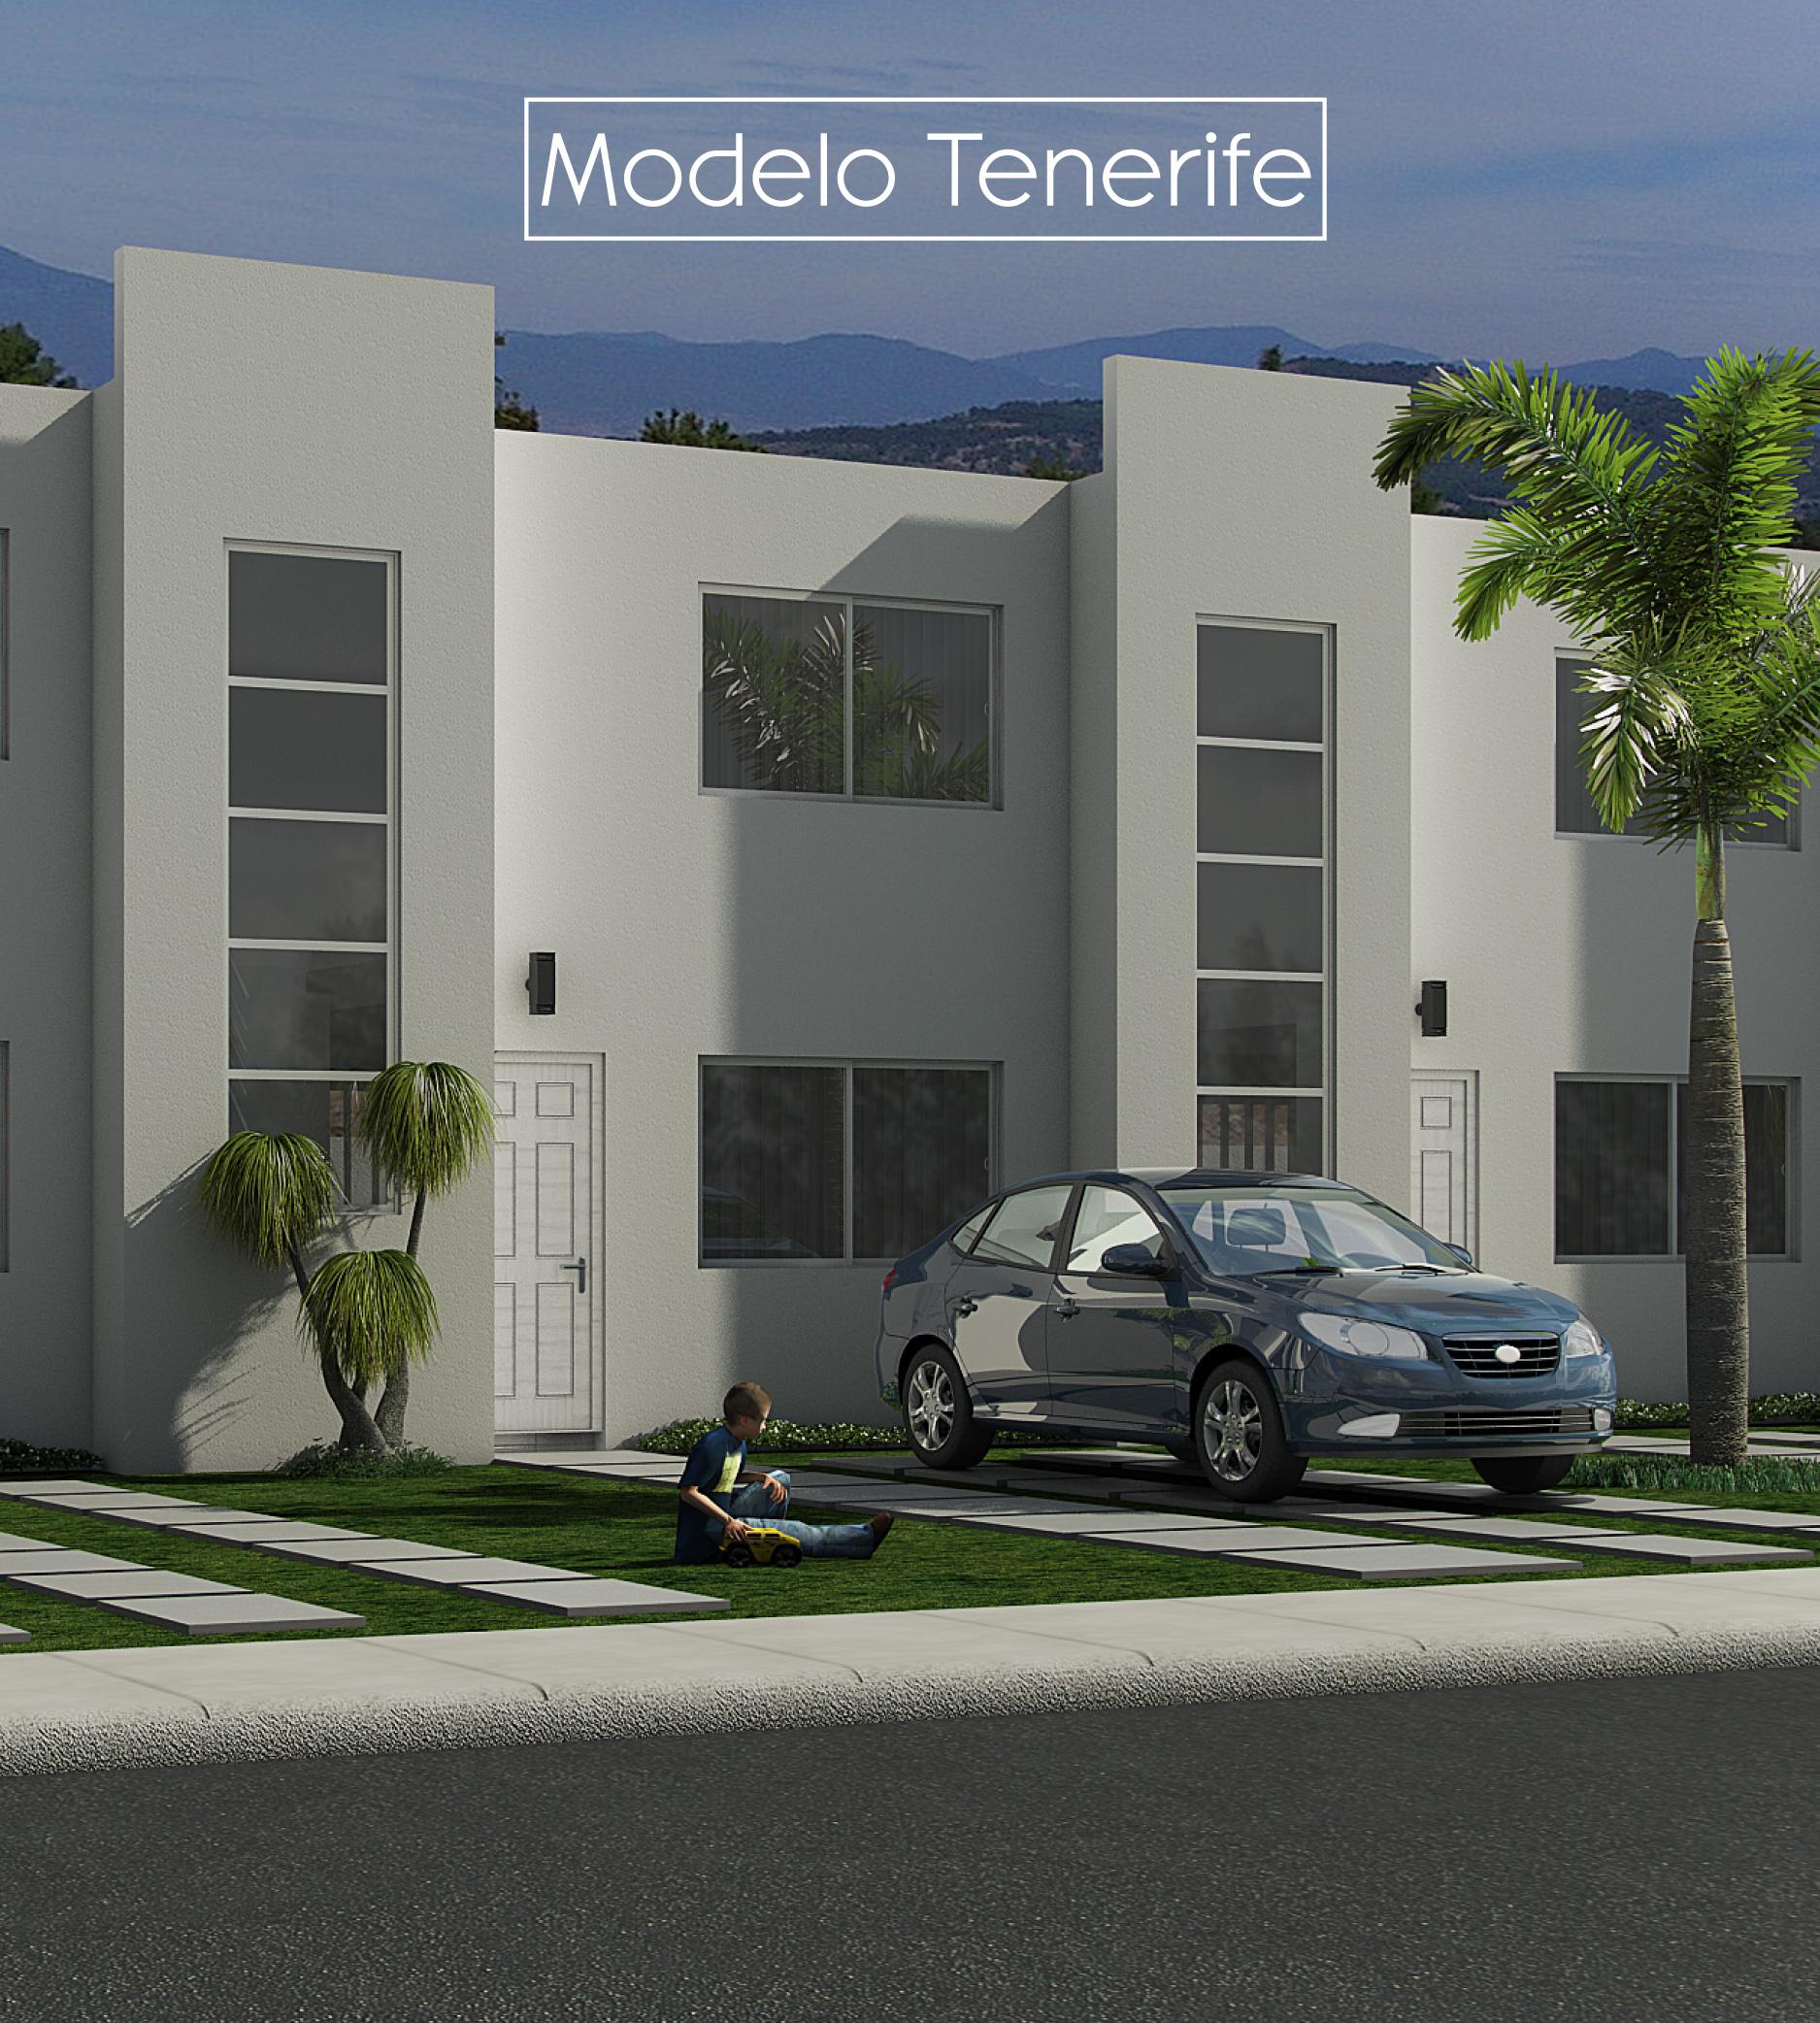 Modelo Tenerife